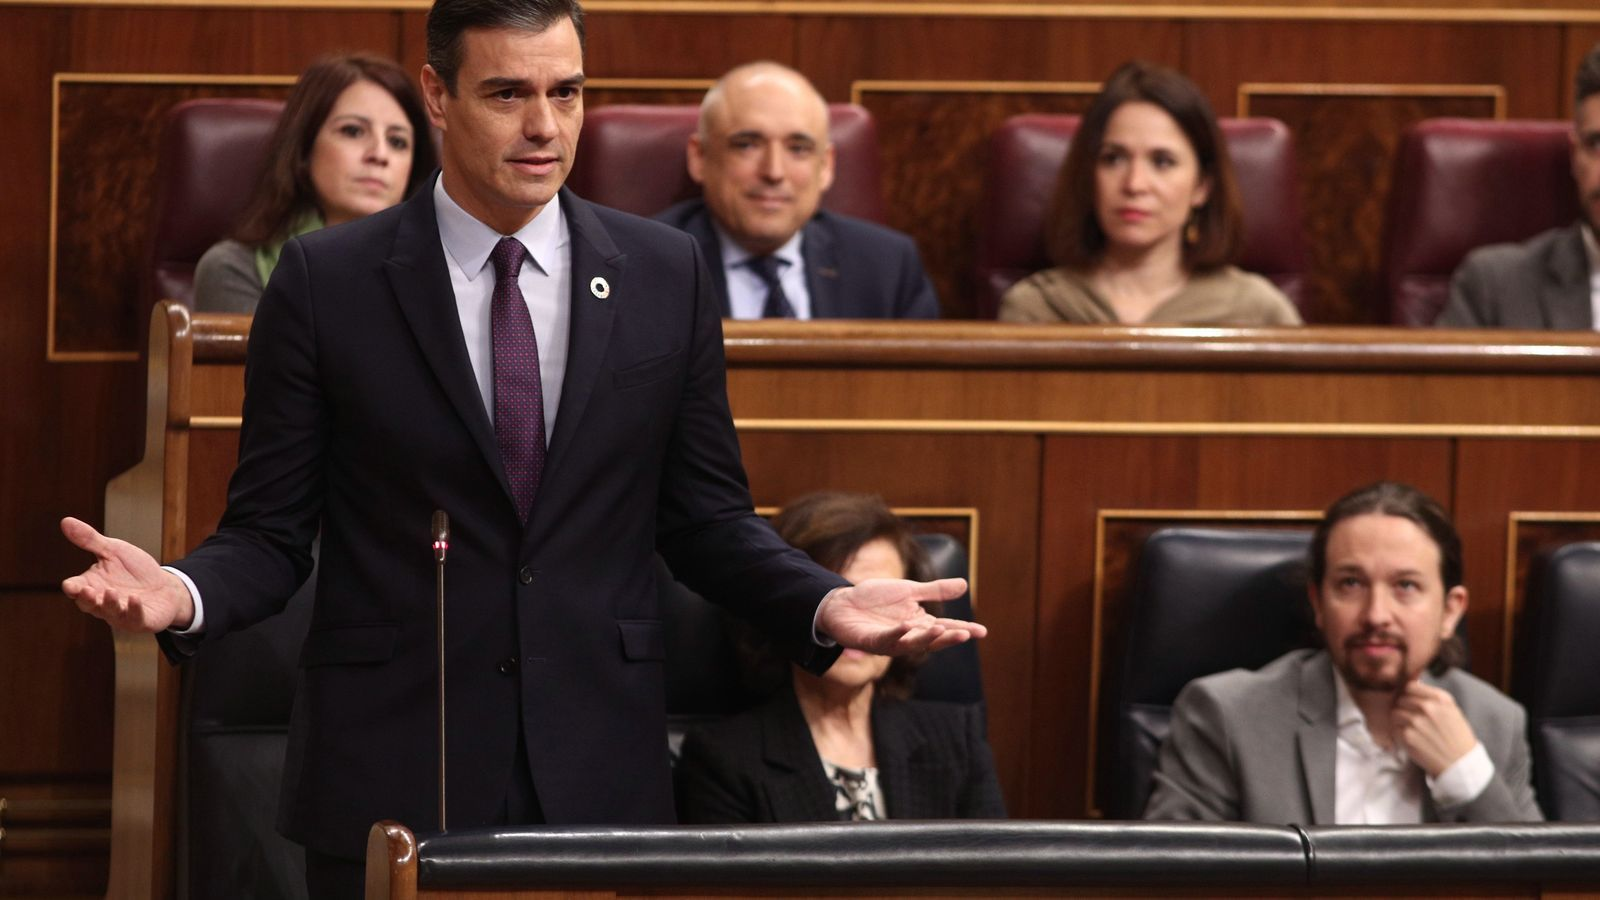 El president del govern espanyol, Pedro Sánchez, durant la sessió de control al Congrés.